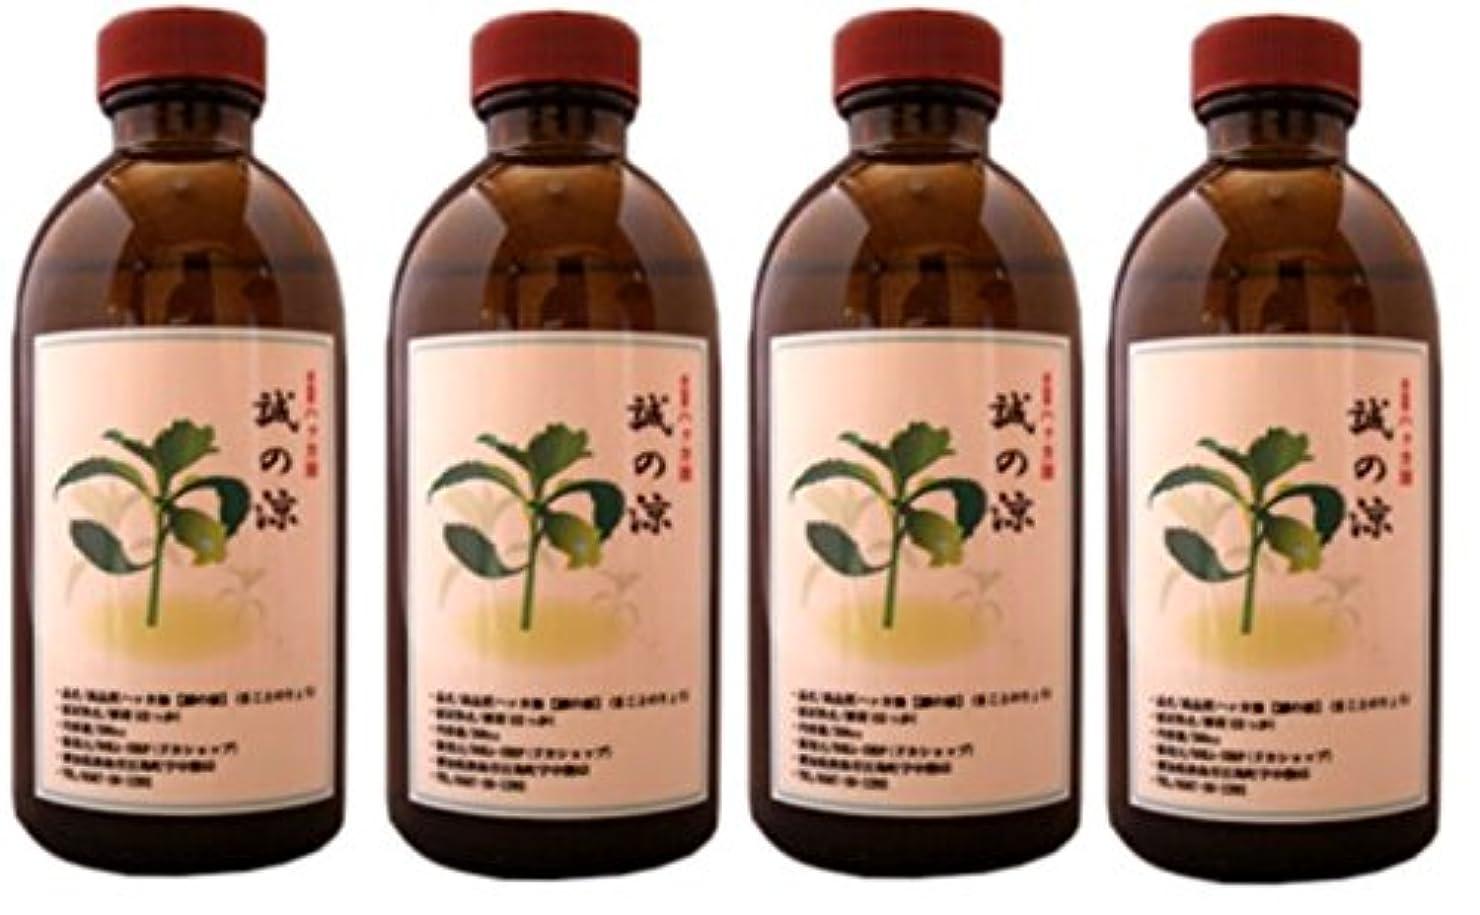 ハンドブック依存する消すDOKA-SHOP 高品質ハッカ精油100%【誠の涼(まことのりょう)】日本国内加工精製 200cc×4本セット